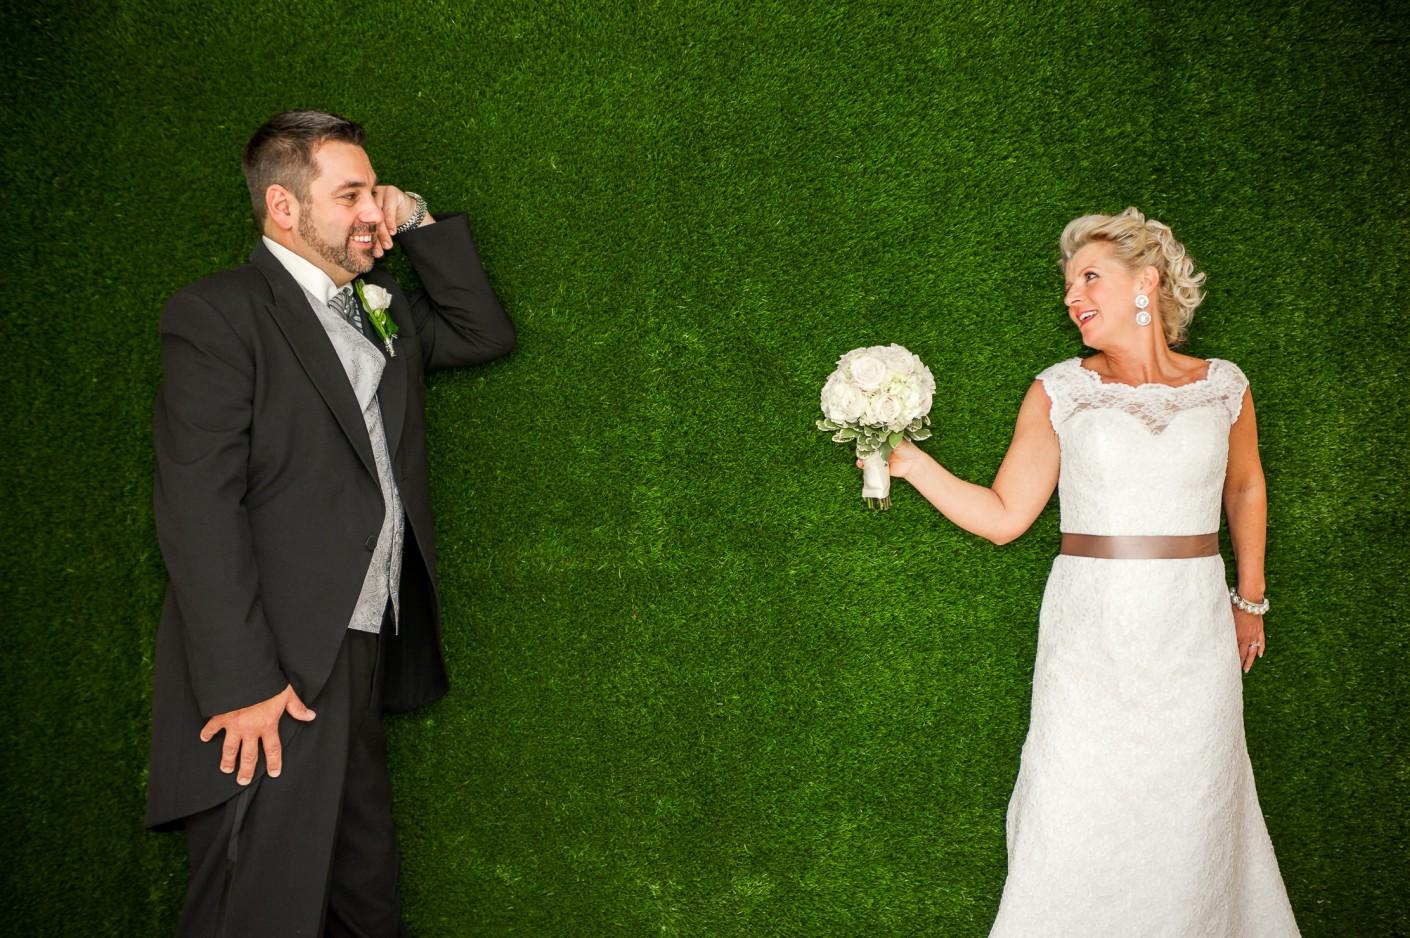 Mariage : Pause gazon -, KW: 6-PhotosCouple